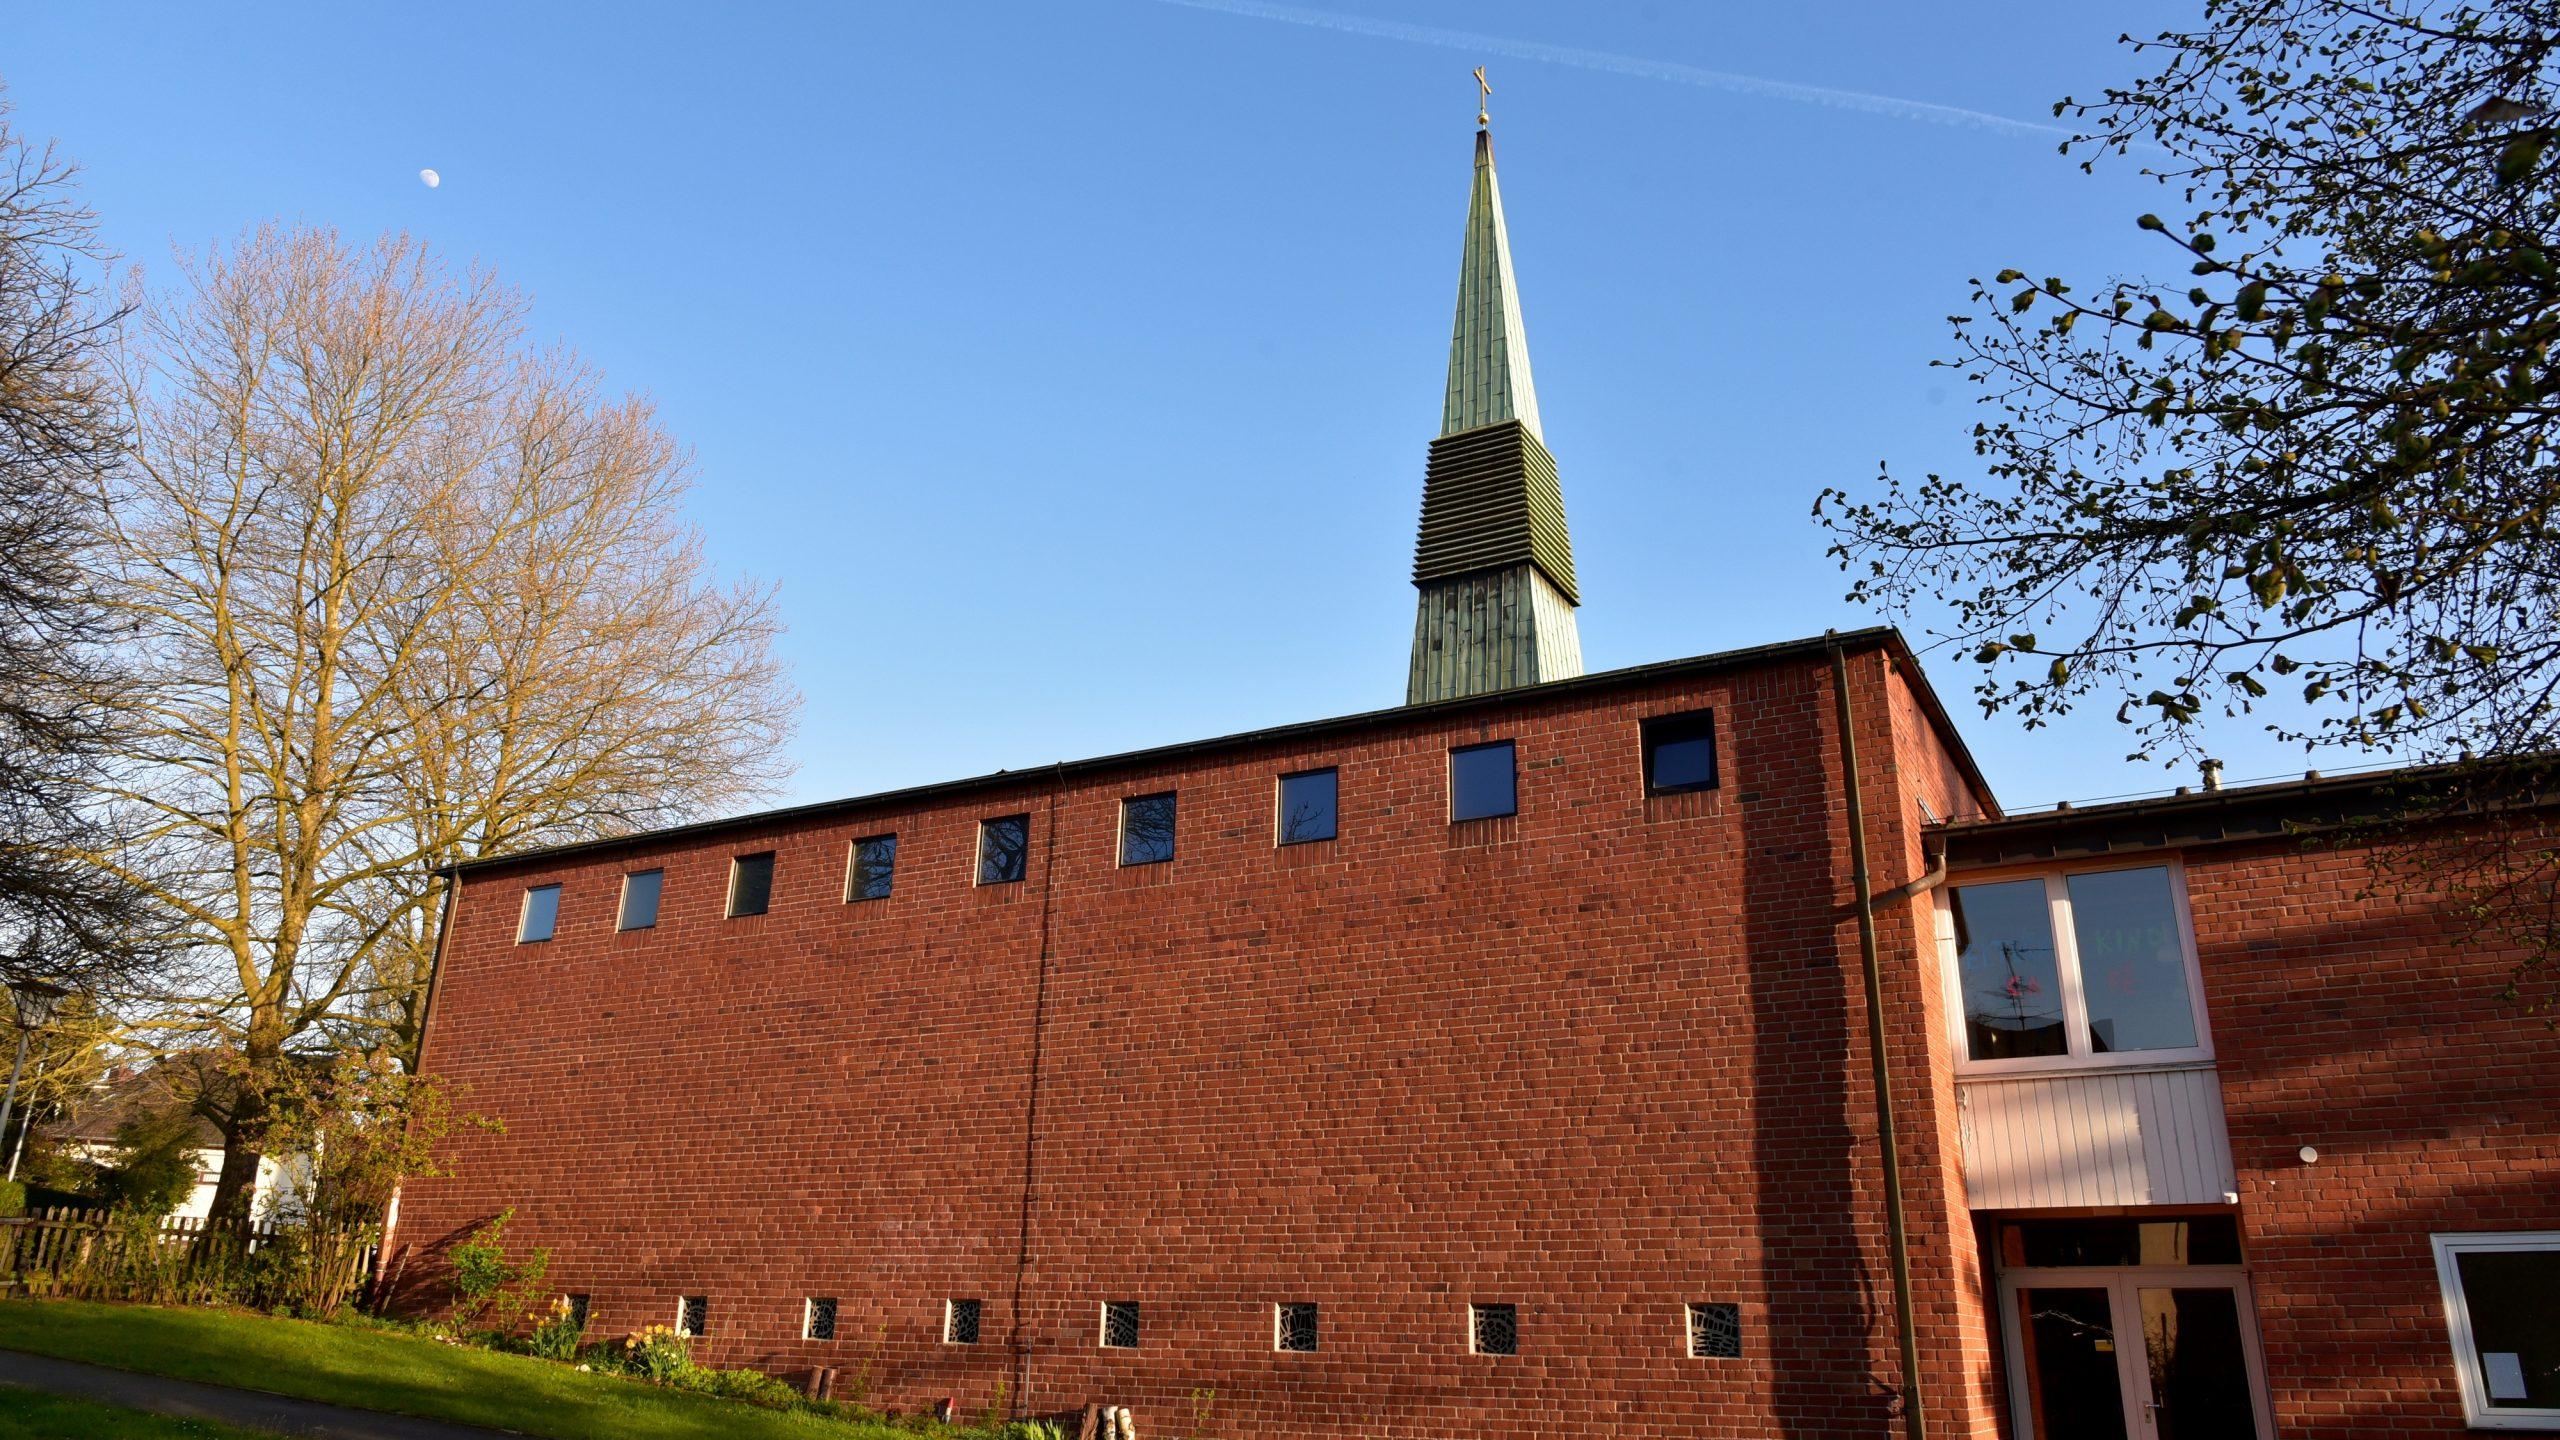 Evangelische Kirche Zum Frieden Gottes in Bergisch Gladbach-Heidkamp ist unter Denkmalschutz gestellt